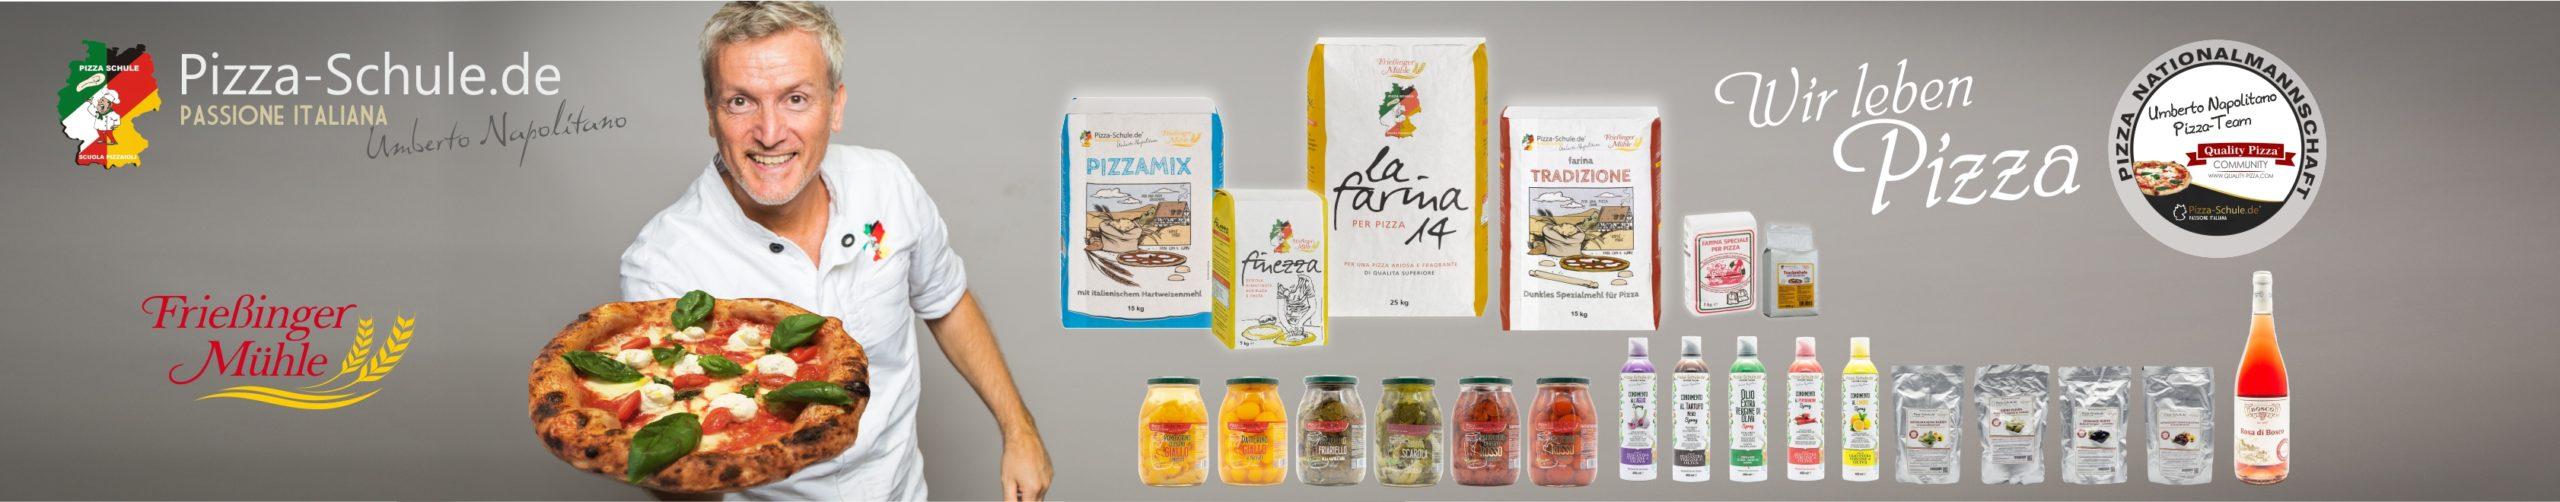 Pizzeria-Produktlinie Pizza-Schule